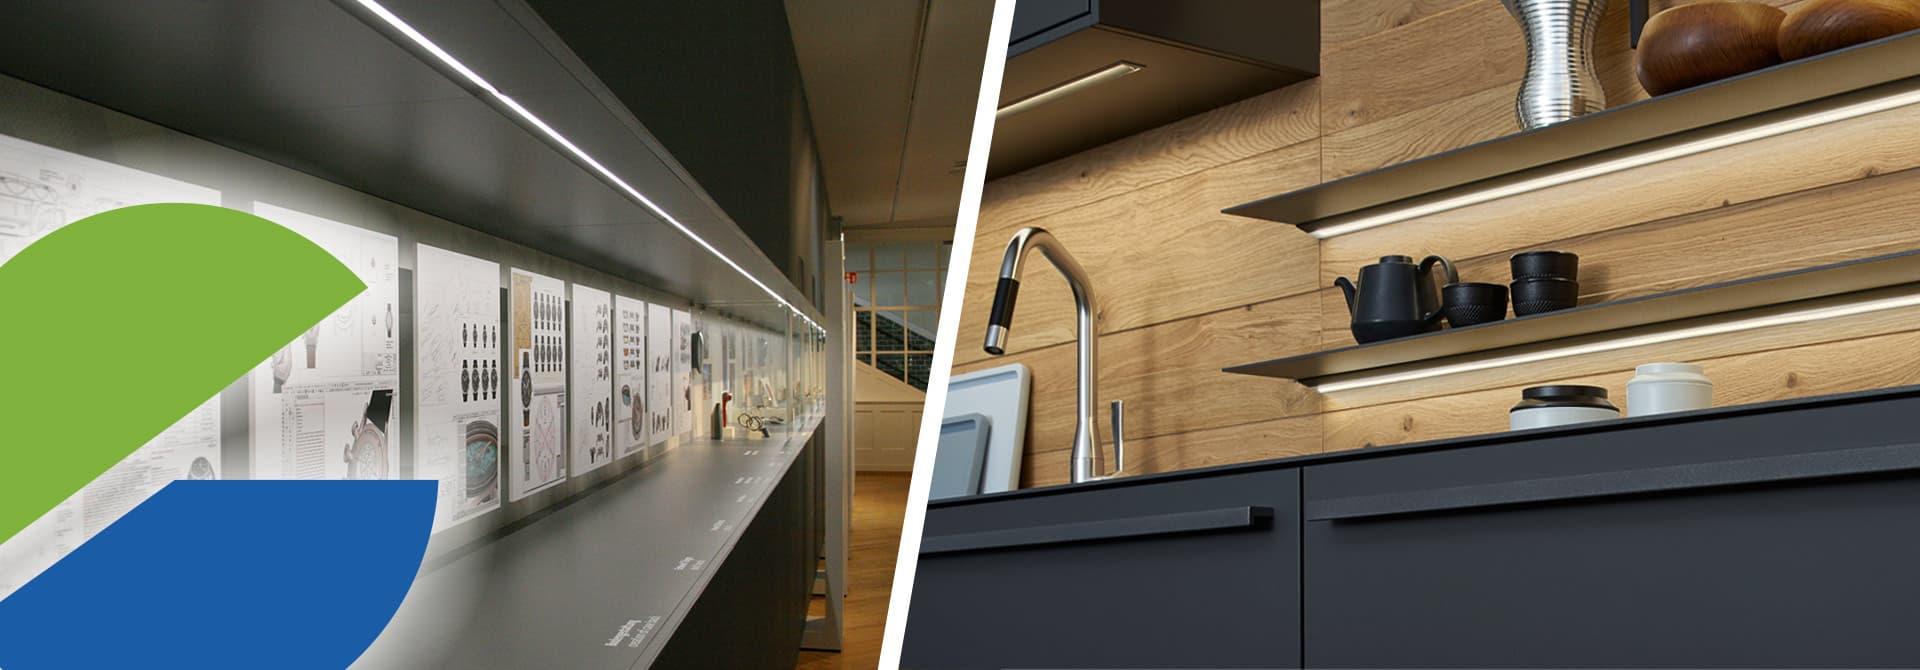 ELEKTRA LED-Leuchten in Küche, Möbel und Ladenbau